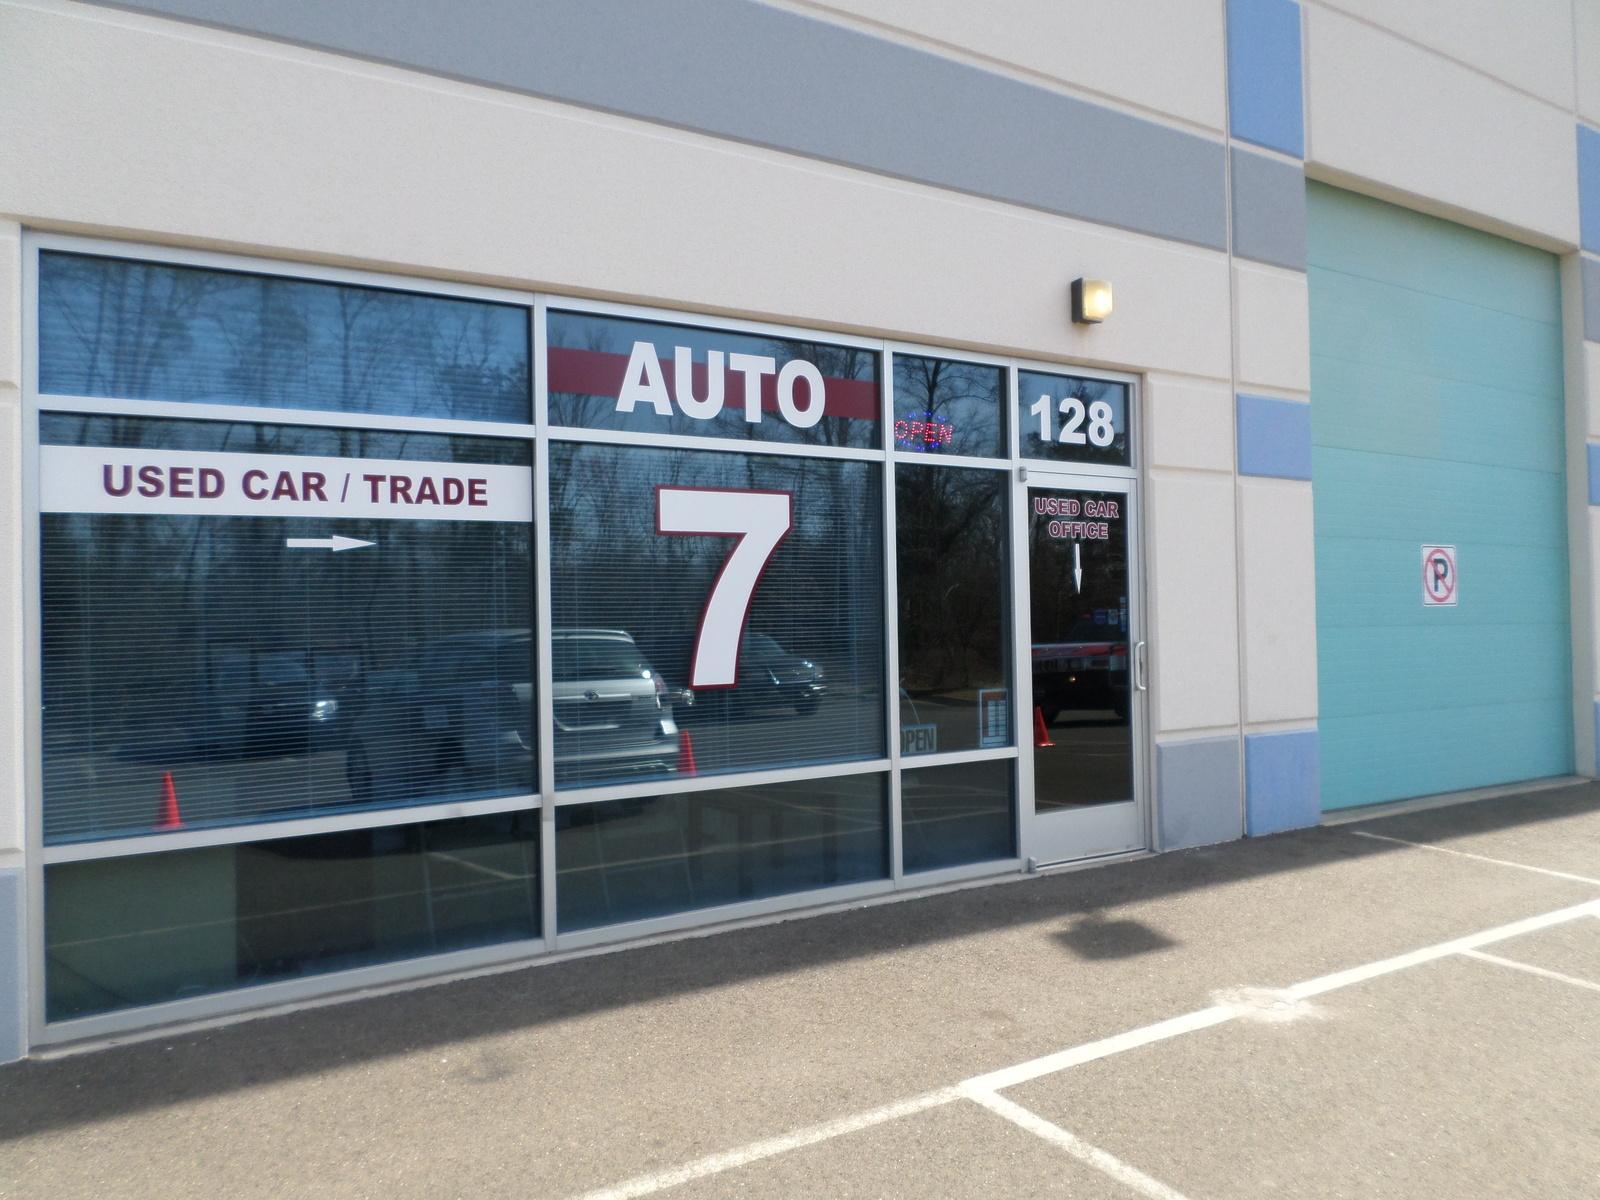 Land Rover Chantilly >> Auto 7 LLC - Chantilly, VA: Read Consumer reviews, Browse ...